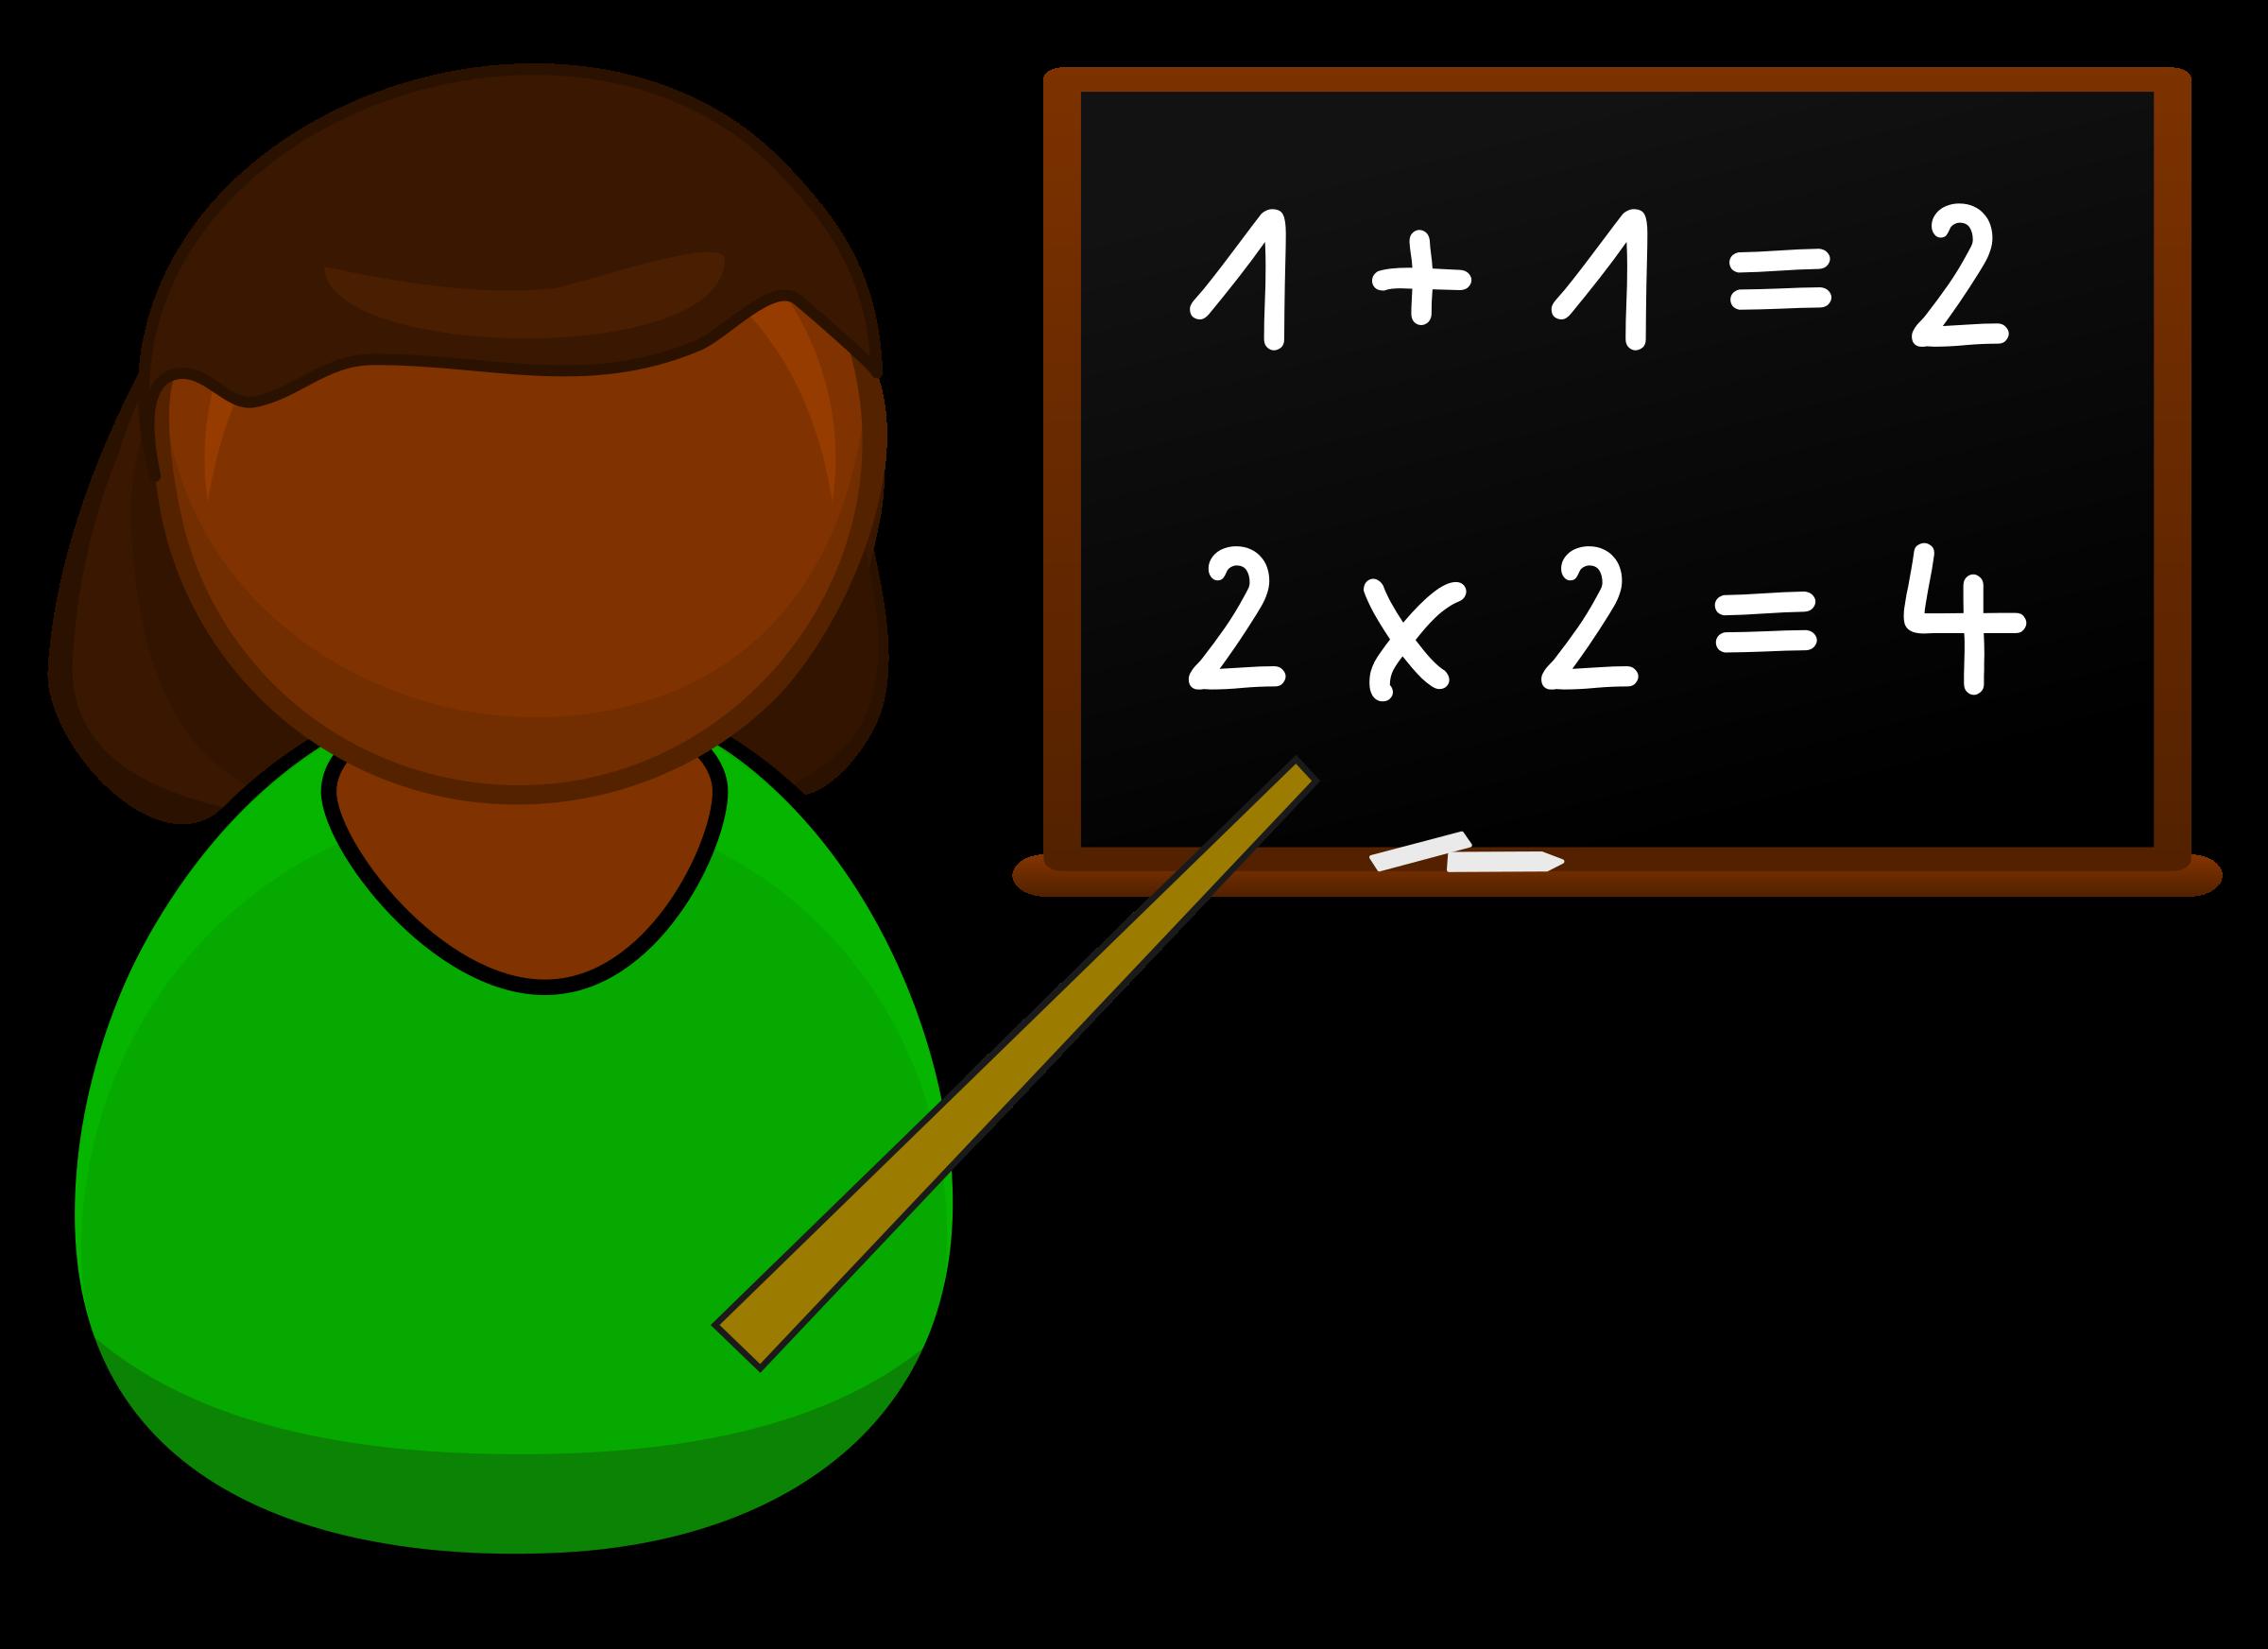 School blackboard clipart image royalty free Clipart - Teacher in a greener dress image royalty free